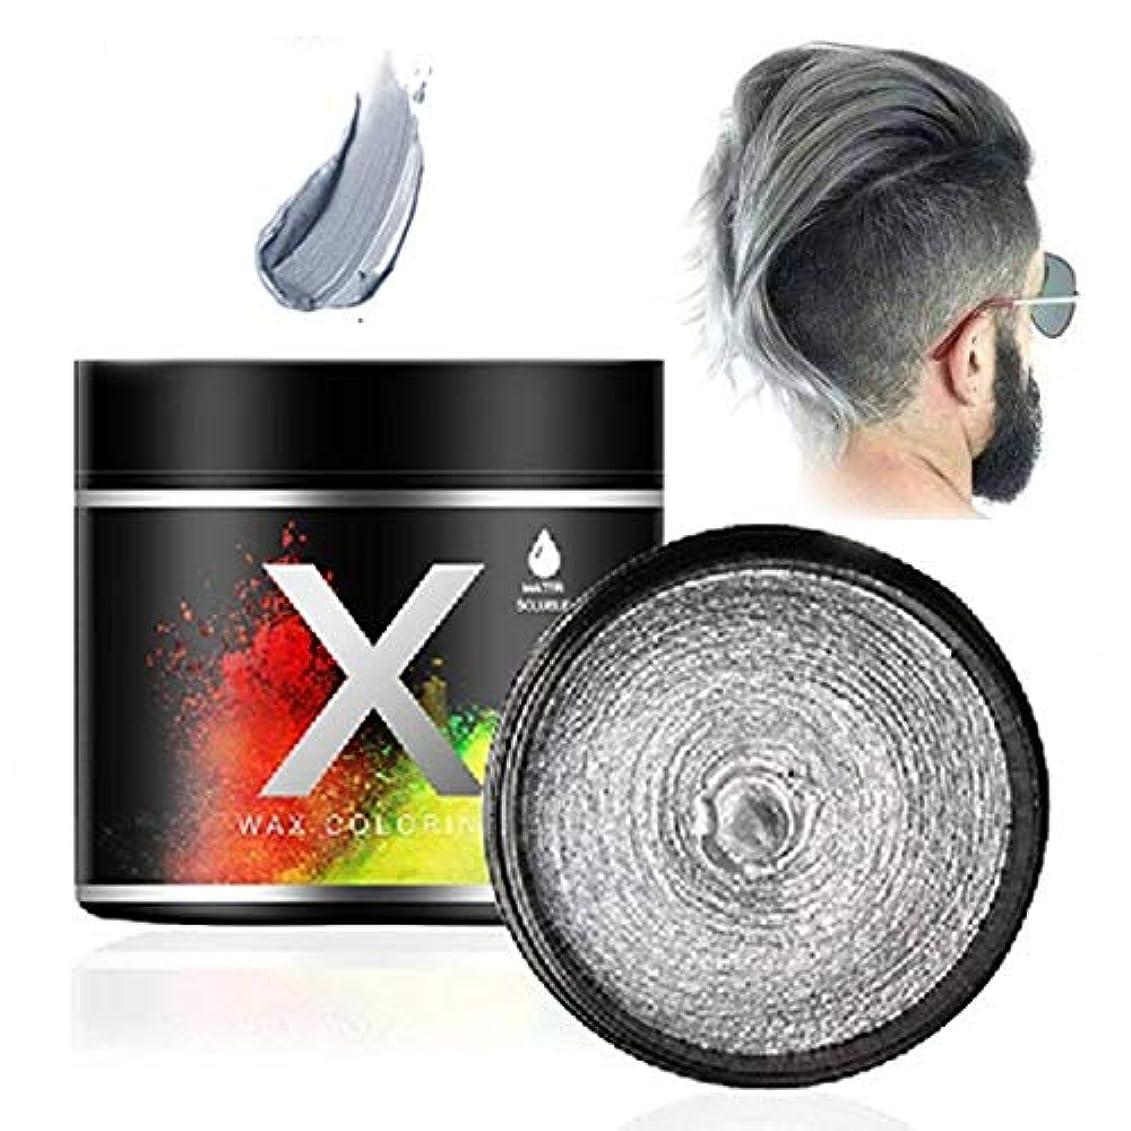 チーズモッキンバード突き出すヘアカラーワックス、一時的なモデリングナチュラルカラーヘアダイワックス、一時的なヘアスタイルクリーム、パーティー、コスプレ、パーティー、仮装、ナイトクラブ、ハロウィンのためのスタイルワックス (シルバーグレー)